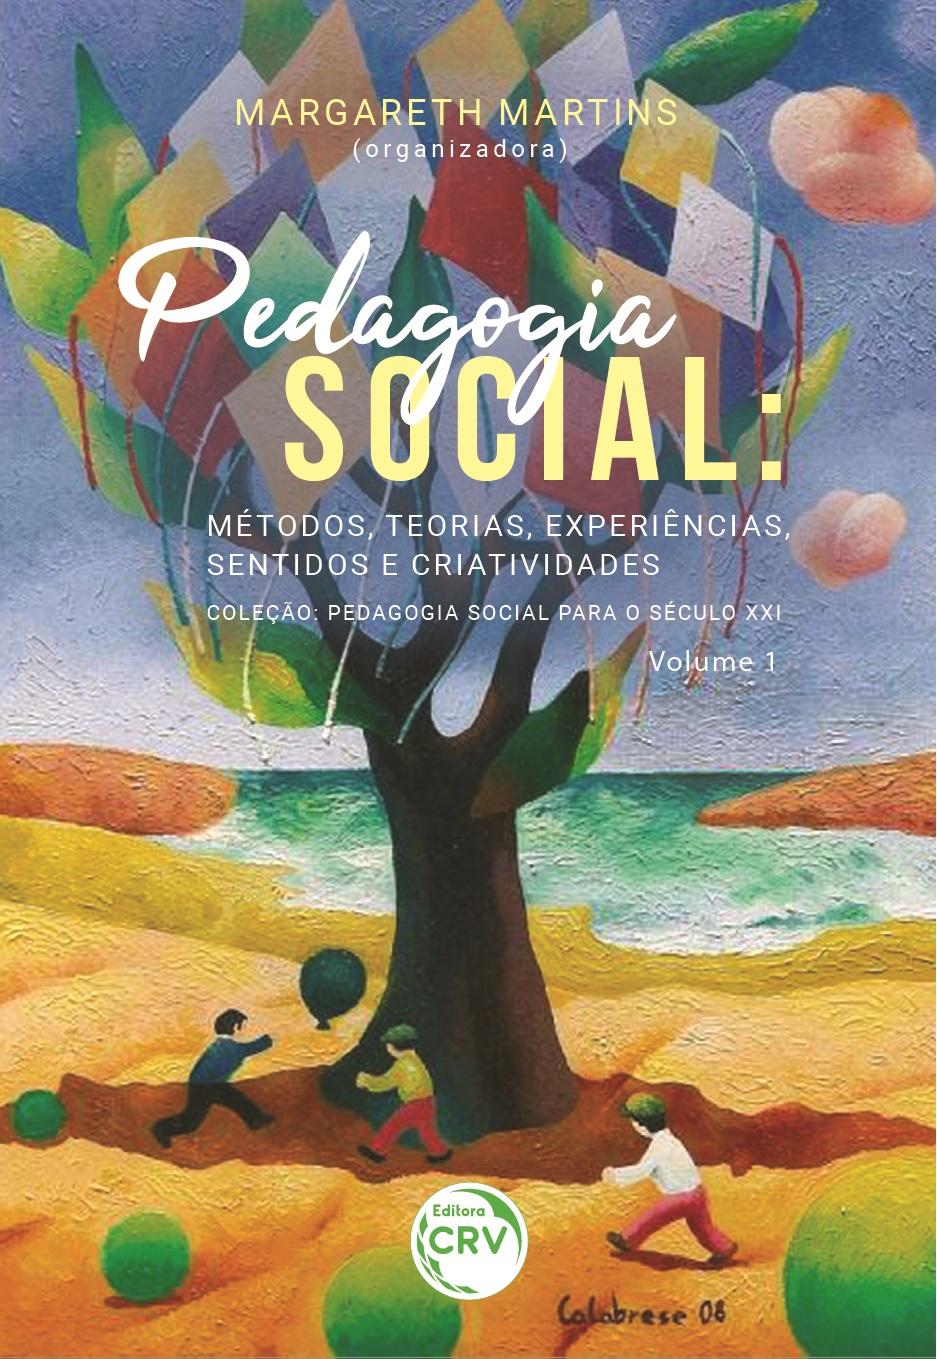 Capa do livro: PEDAGOGIA SOCIAL – MÉTODOS, TEORIAS, EXPERIÊNCIAS, SENTIDOS E CRIATIVIDADES <br>Coleção Pedagogia social para o século XXI<br> Volume 1